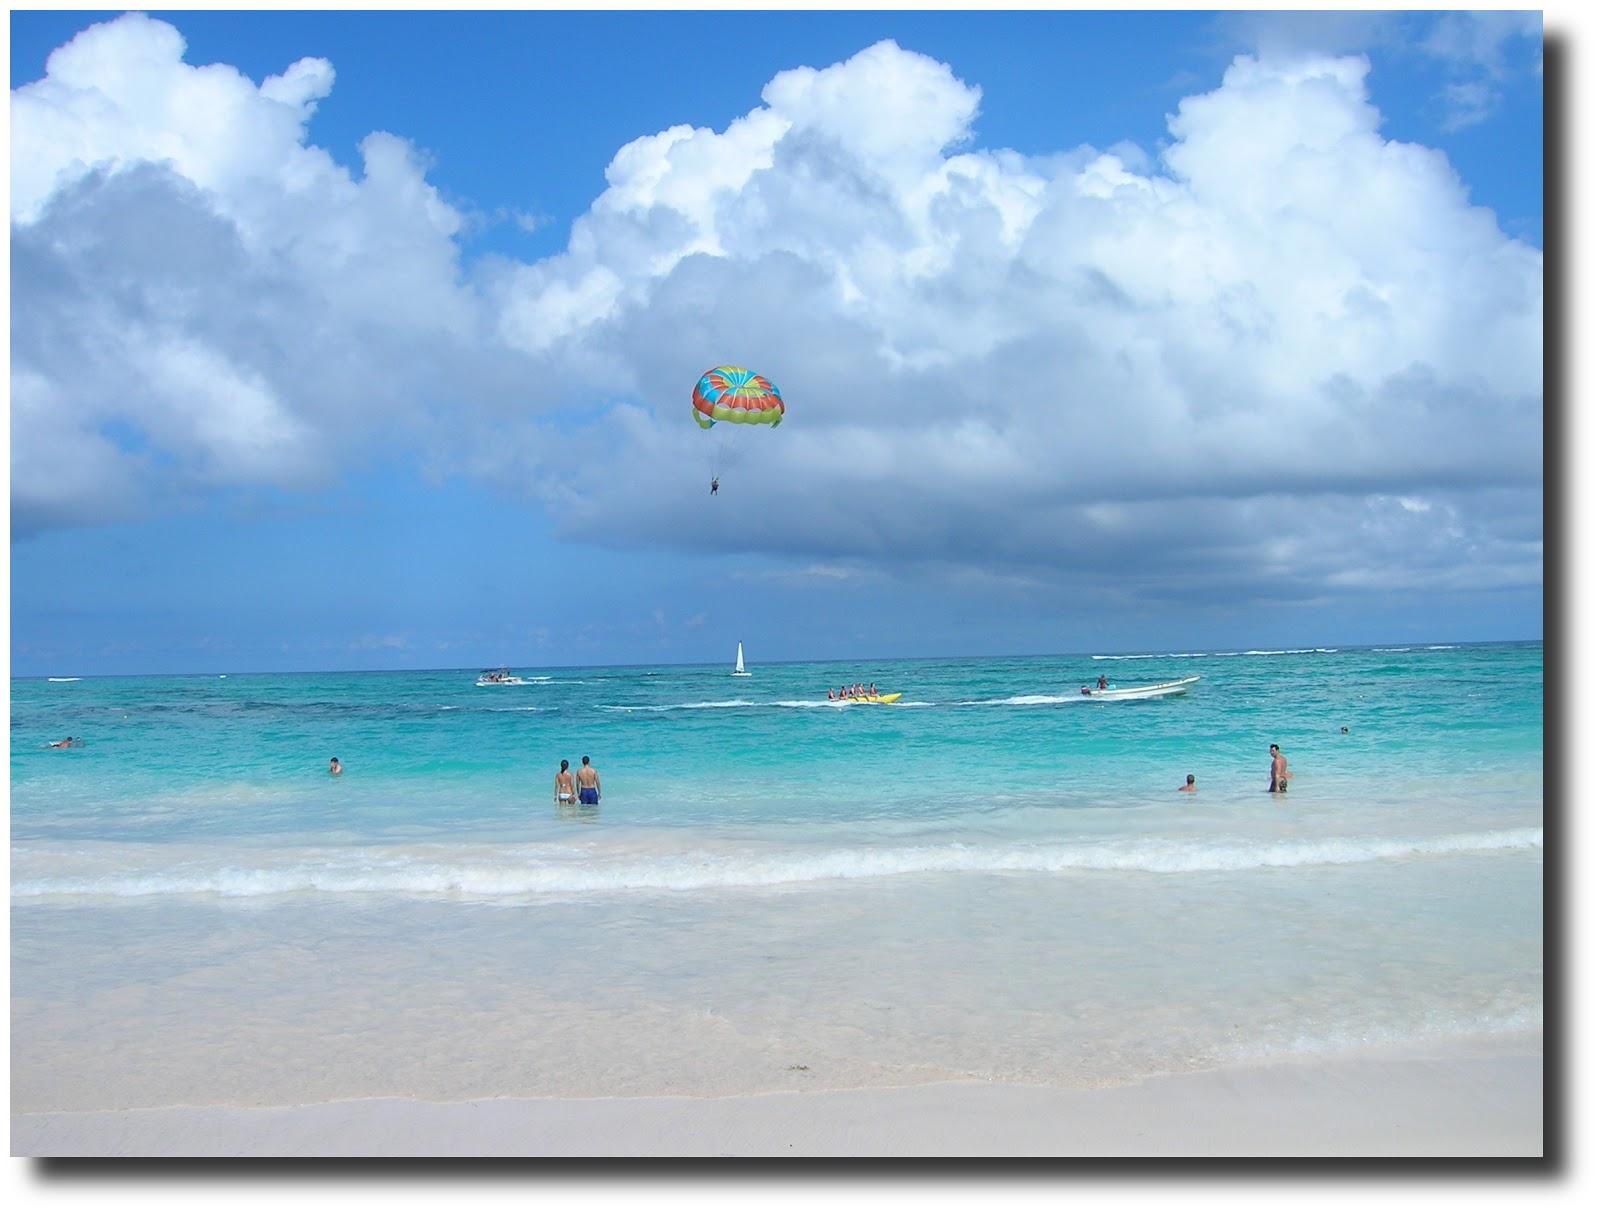 playa punta cana, republica dominicana, vuelta al mundo, round the world, La vuelta al mundo de Asun y Ricardo, mundoporlibre.com